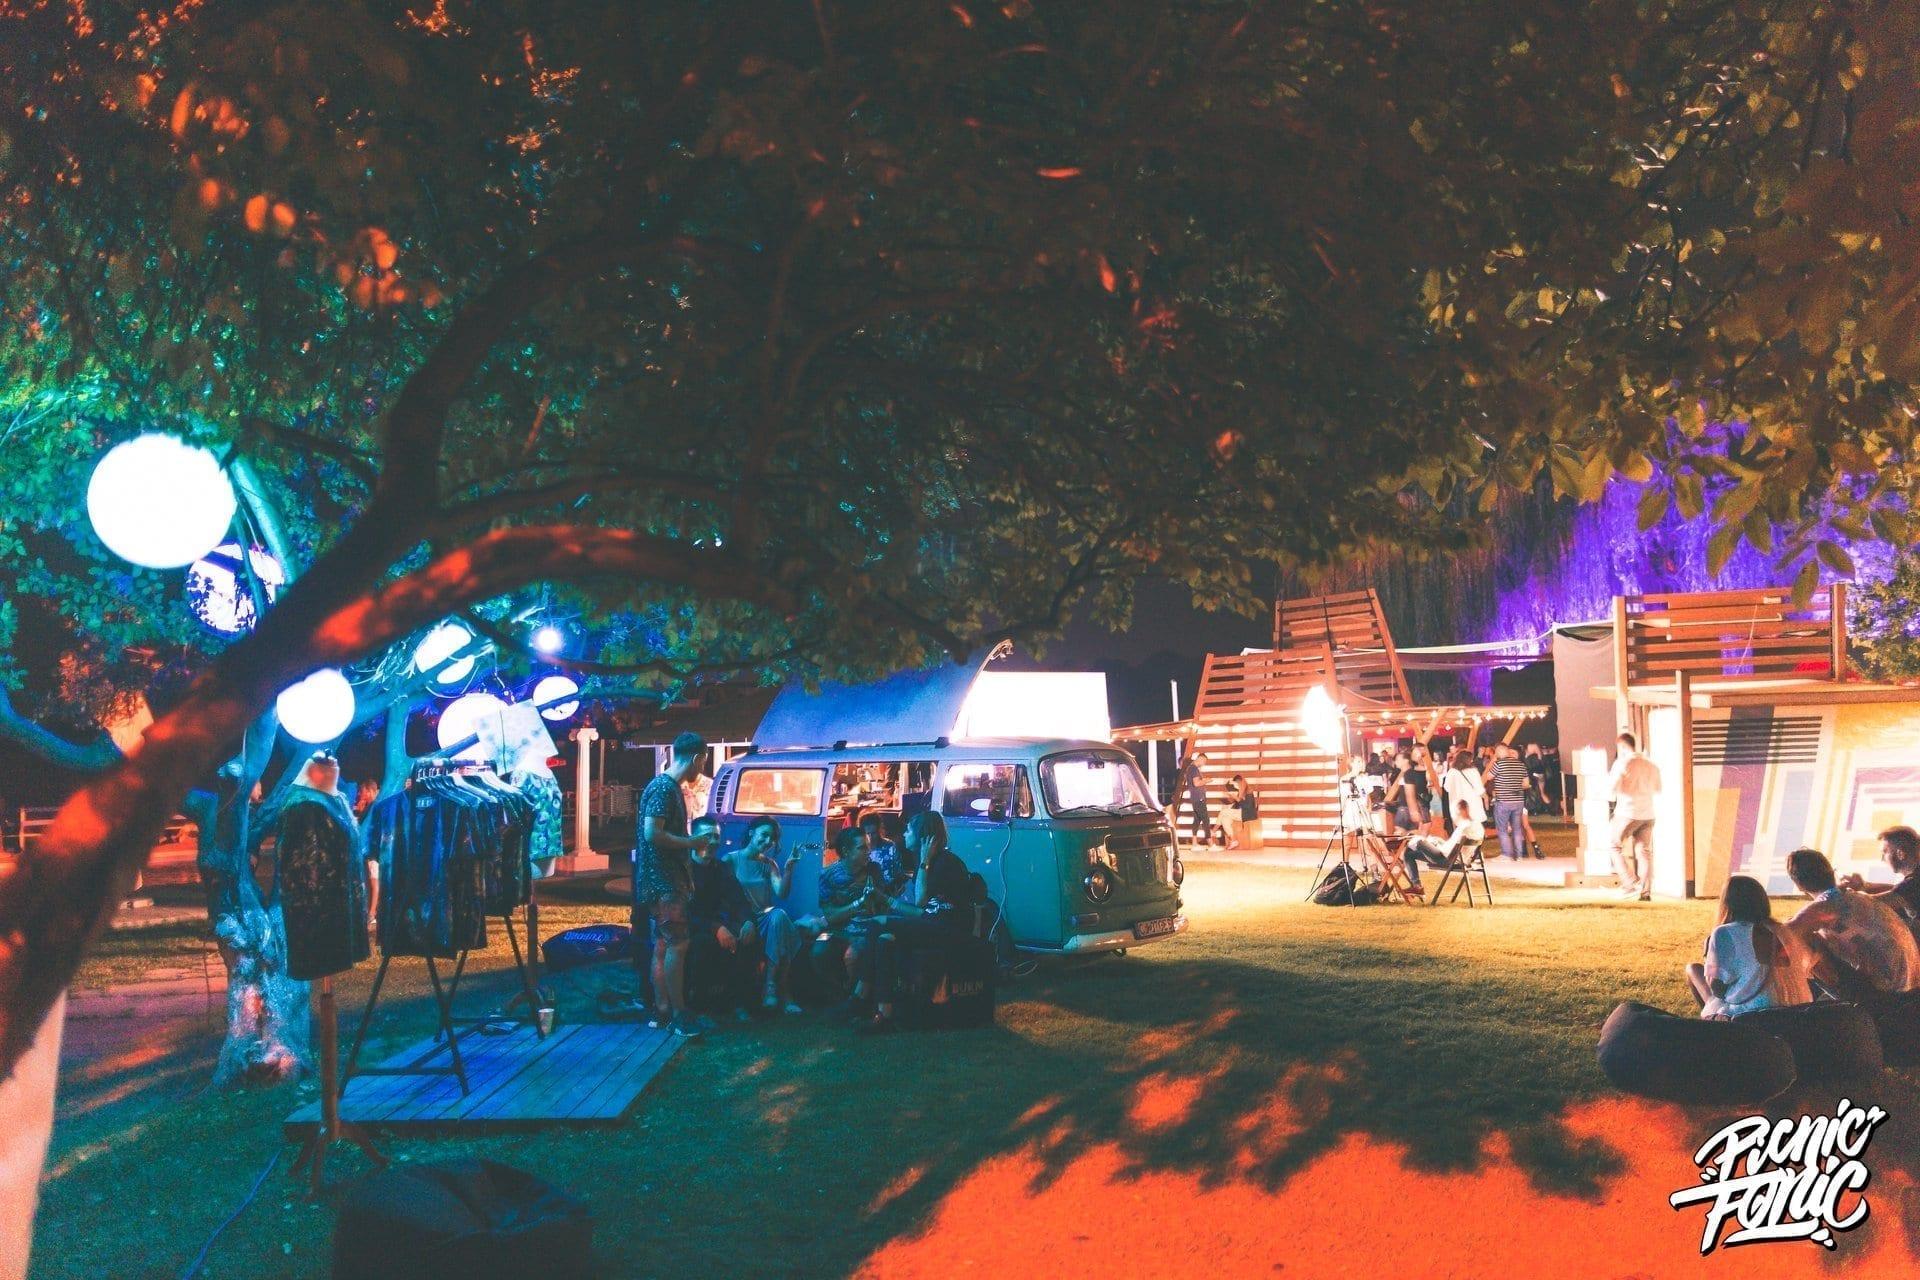 Picnic Fonic Festival